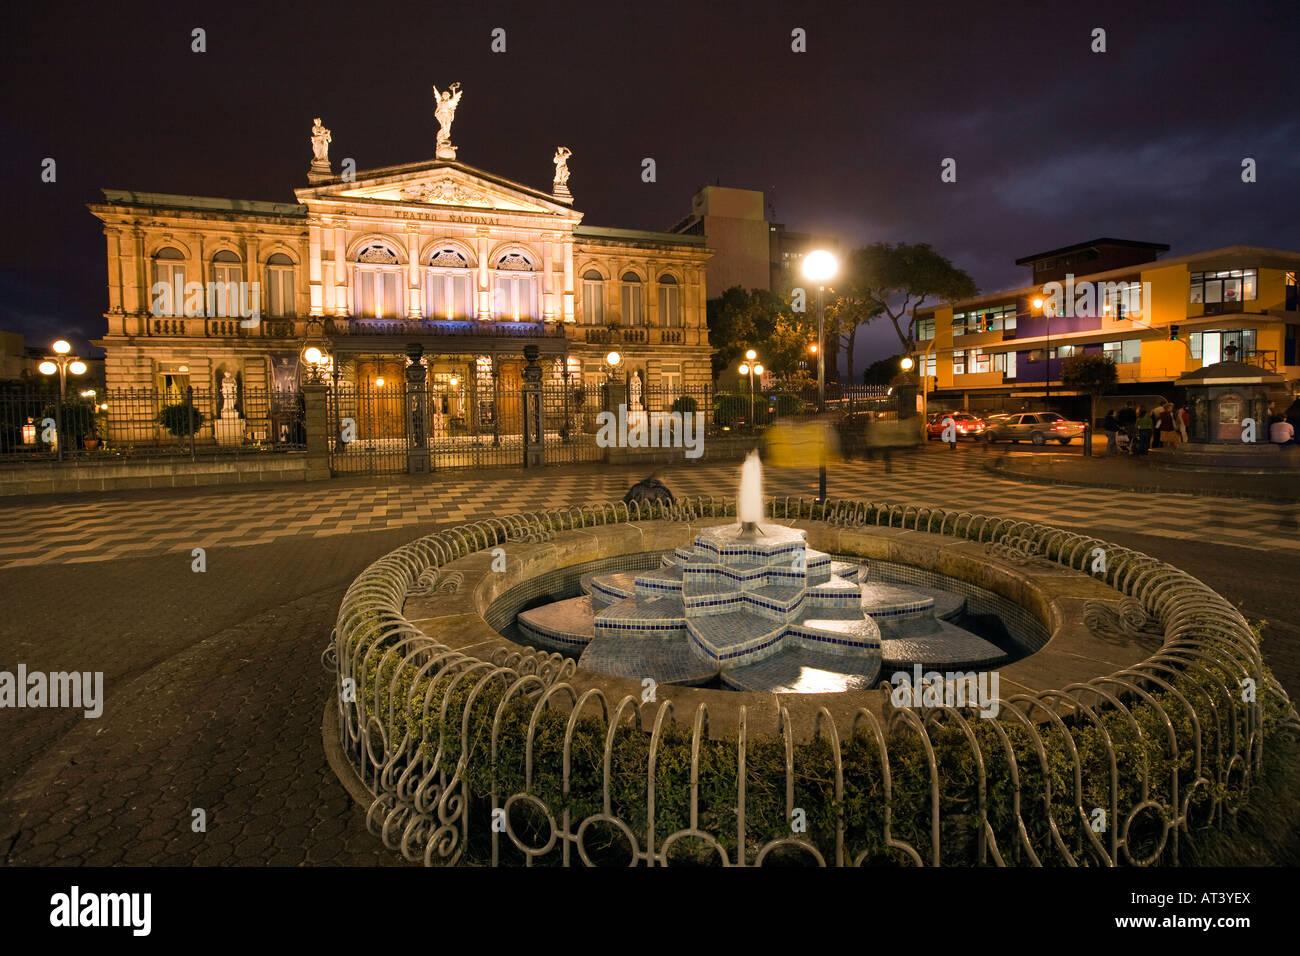 Stock Photo Costa Rica San Jose Plaza De La Cultura Fountain In Front Of Teatro 16194145 on Neoclassical Architecture